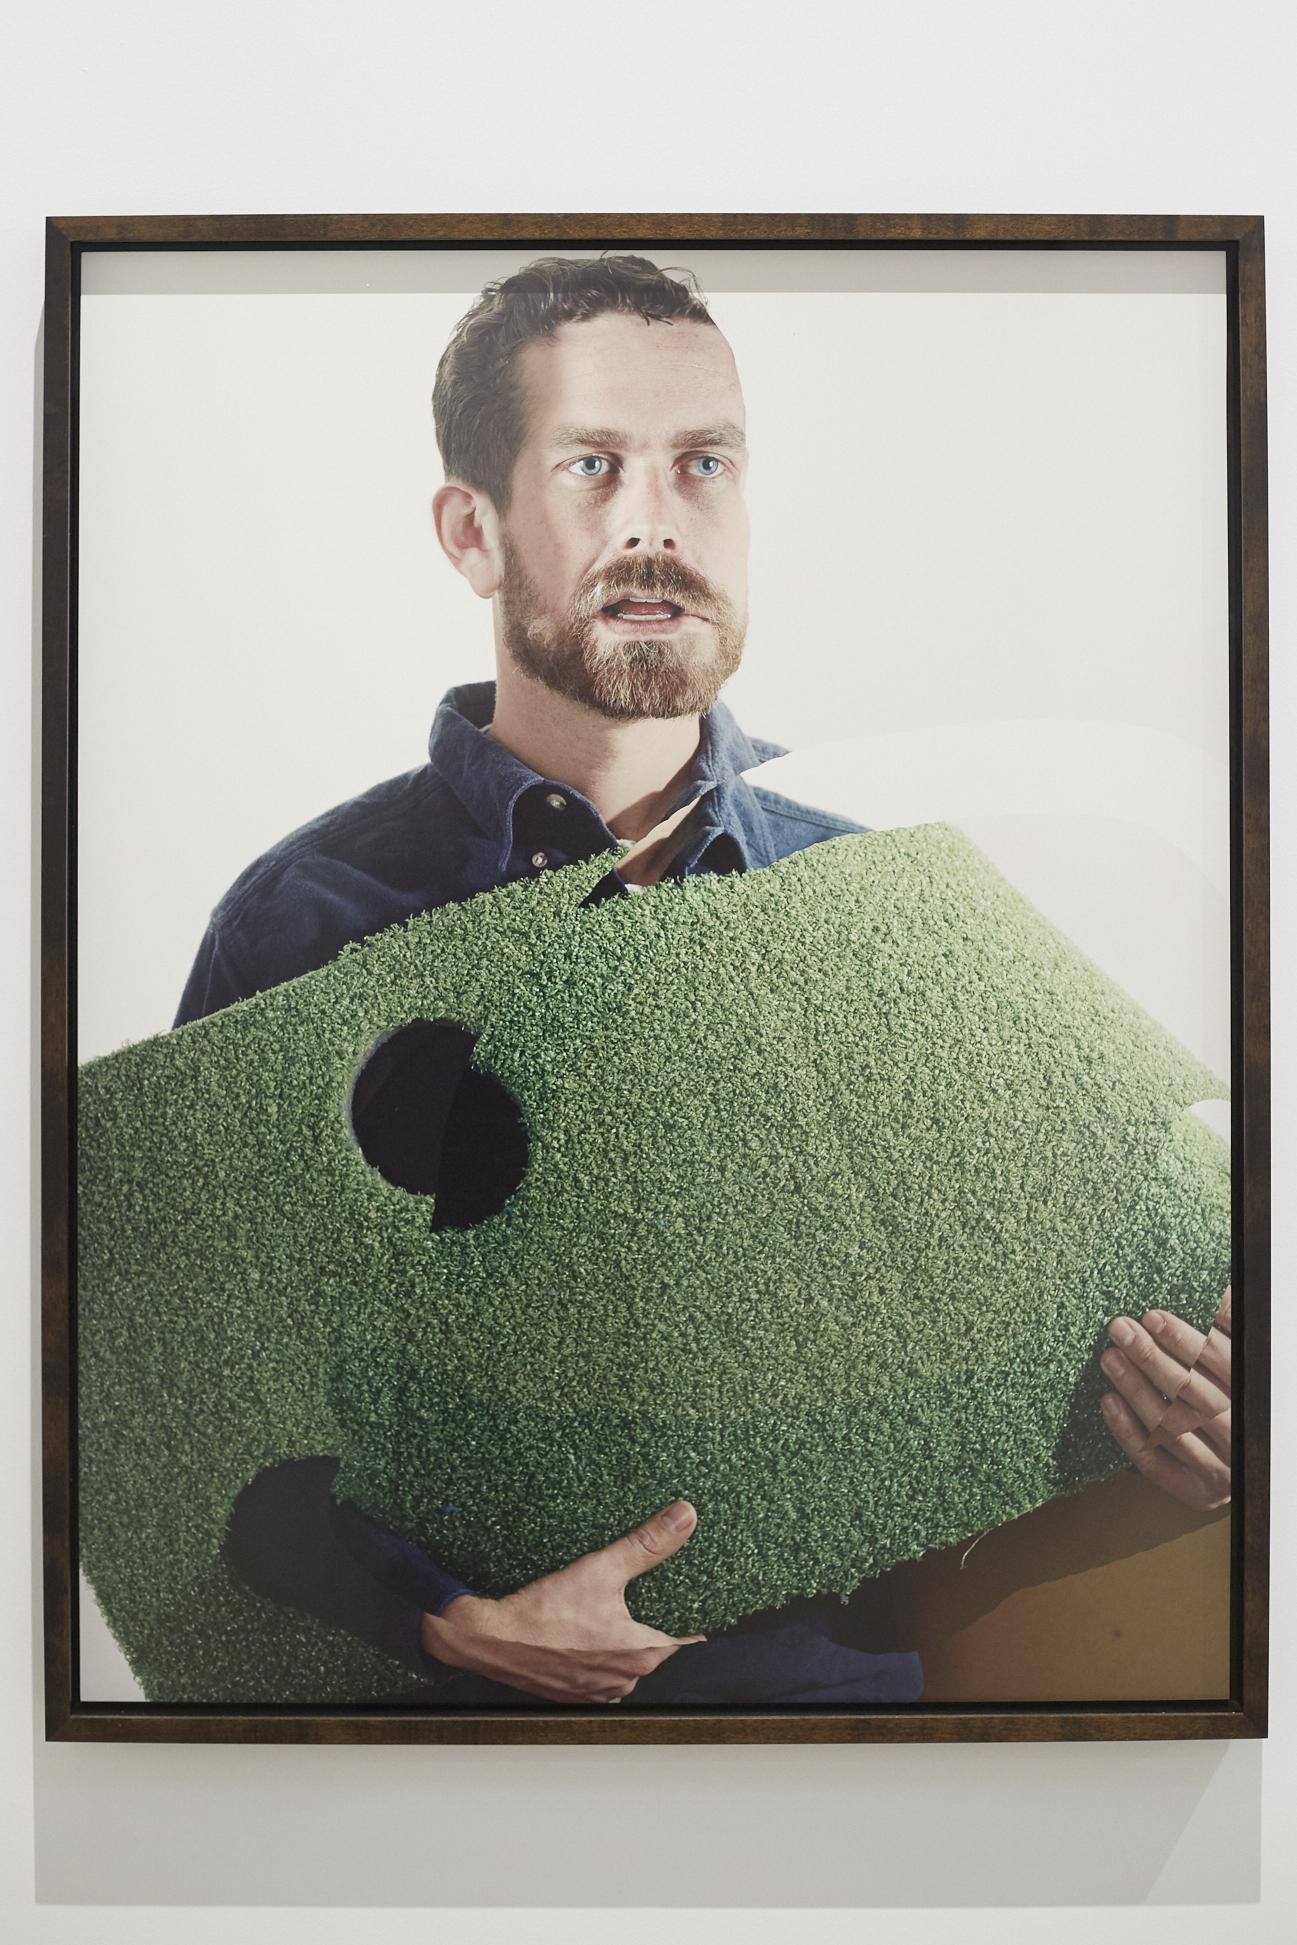 Lucas Blalock / Guitar Player, 2013